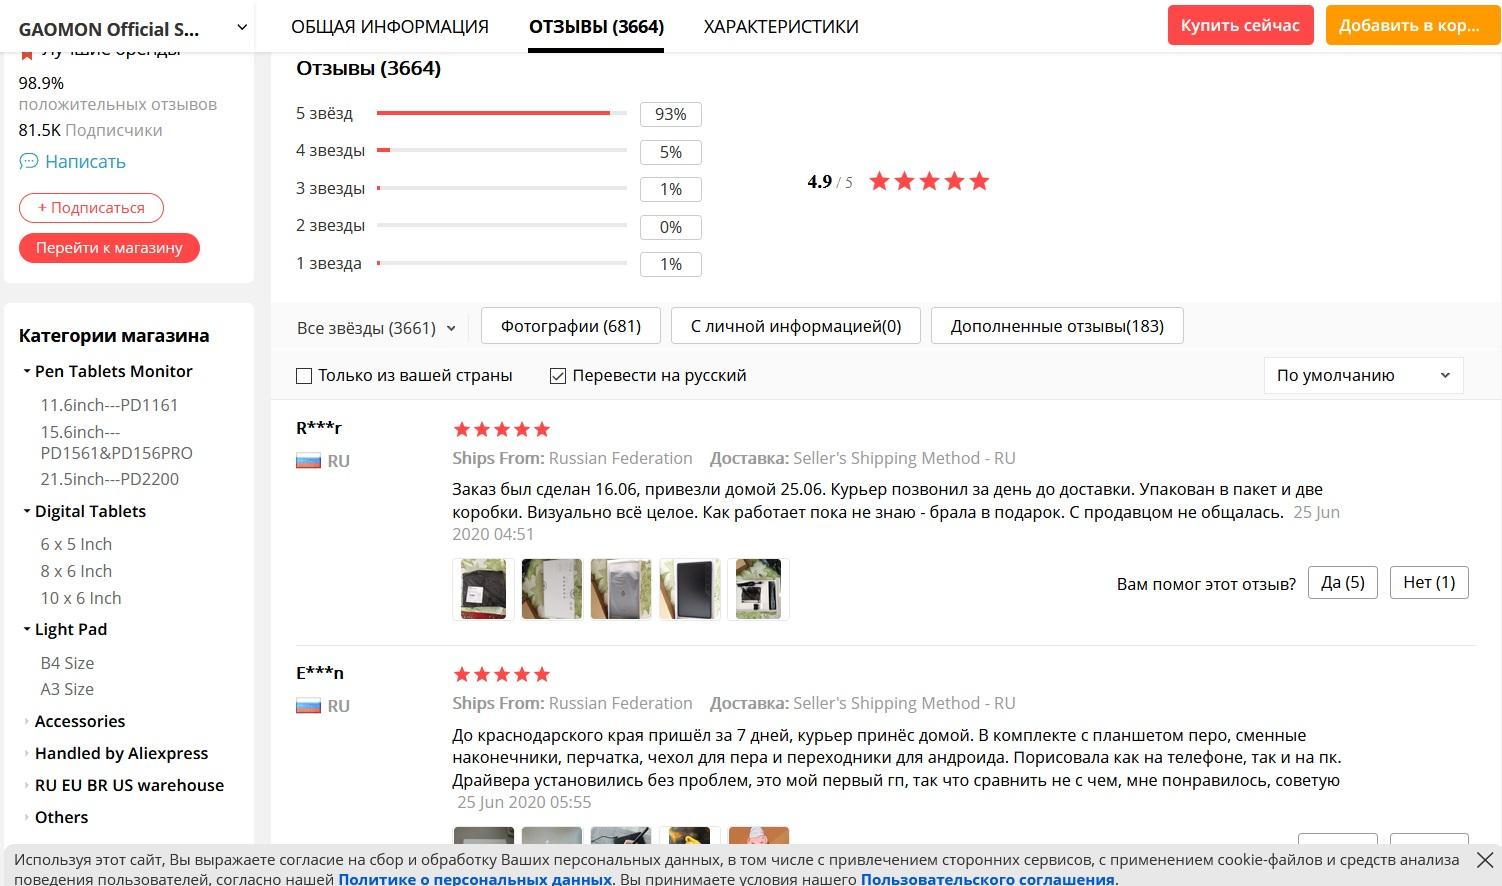 Отзывы о графическом планшете GAOMON S620